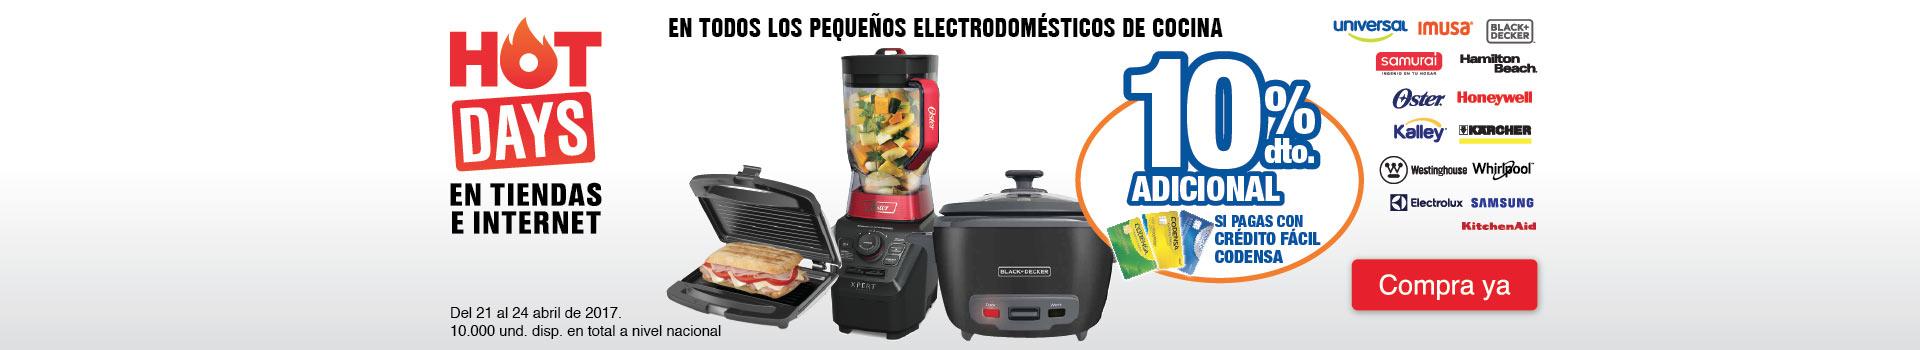 CAT PREP - abril 21 - 10% adicional pagando con tu CFC en todos los Pequeños electrodomesticos de cocina de las marcas seleccionadas